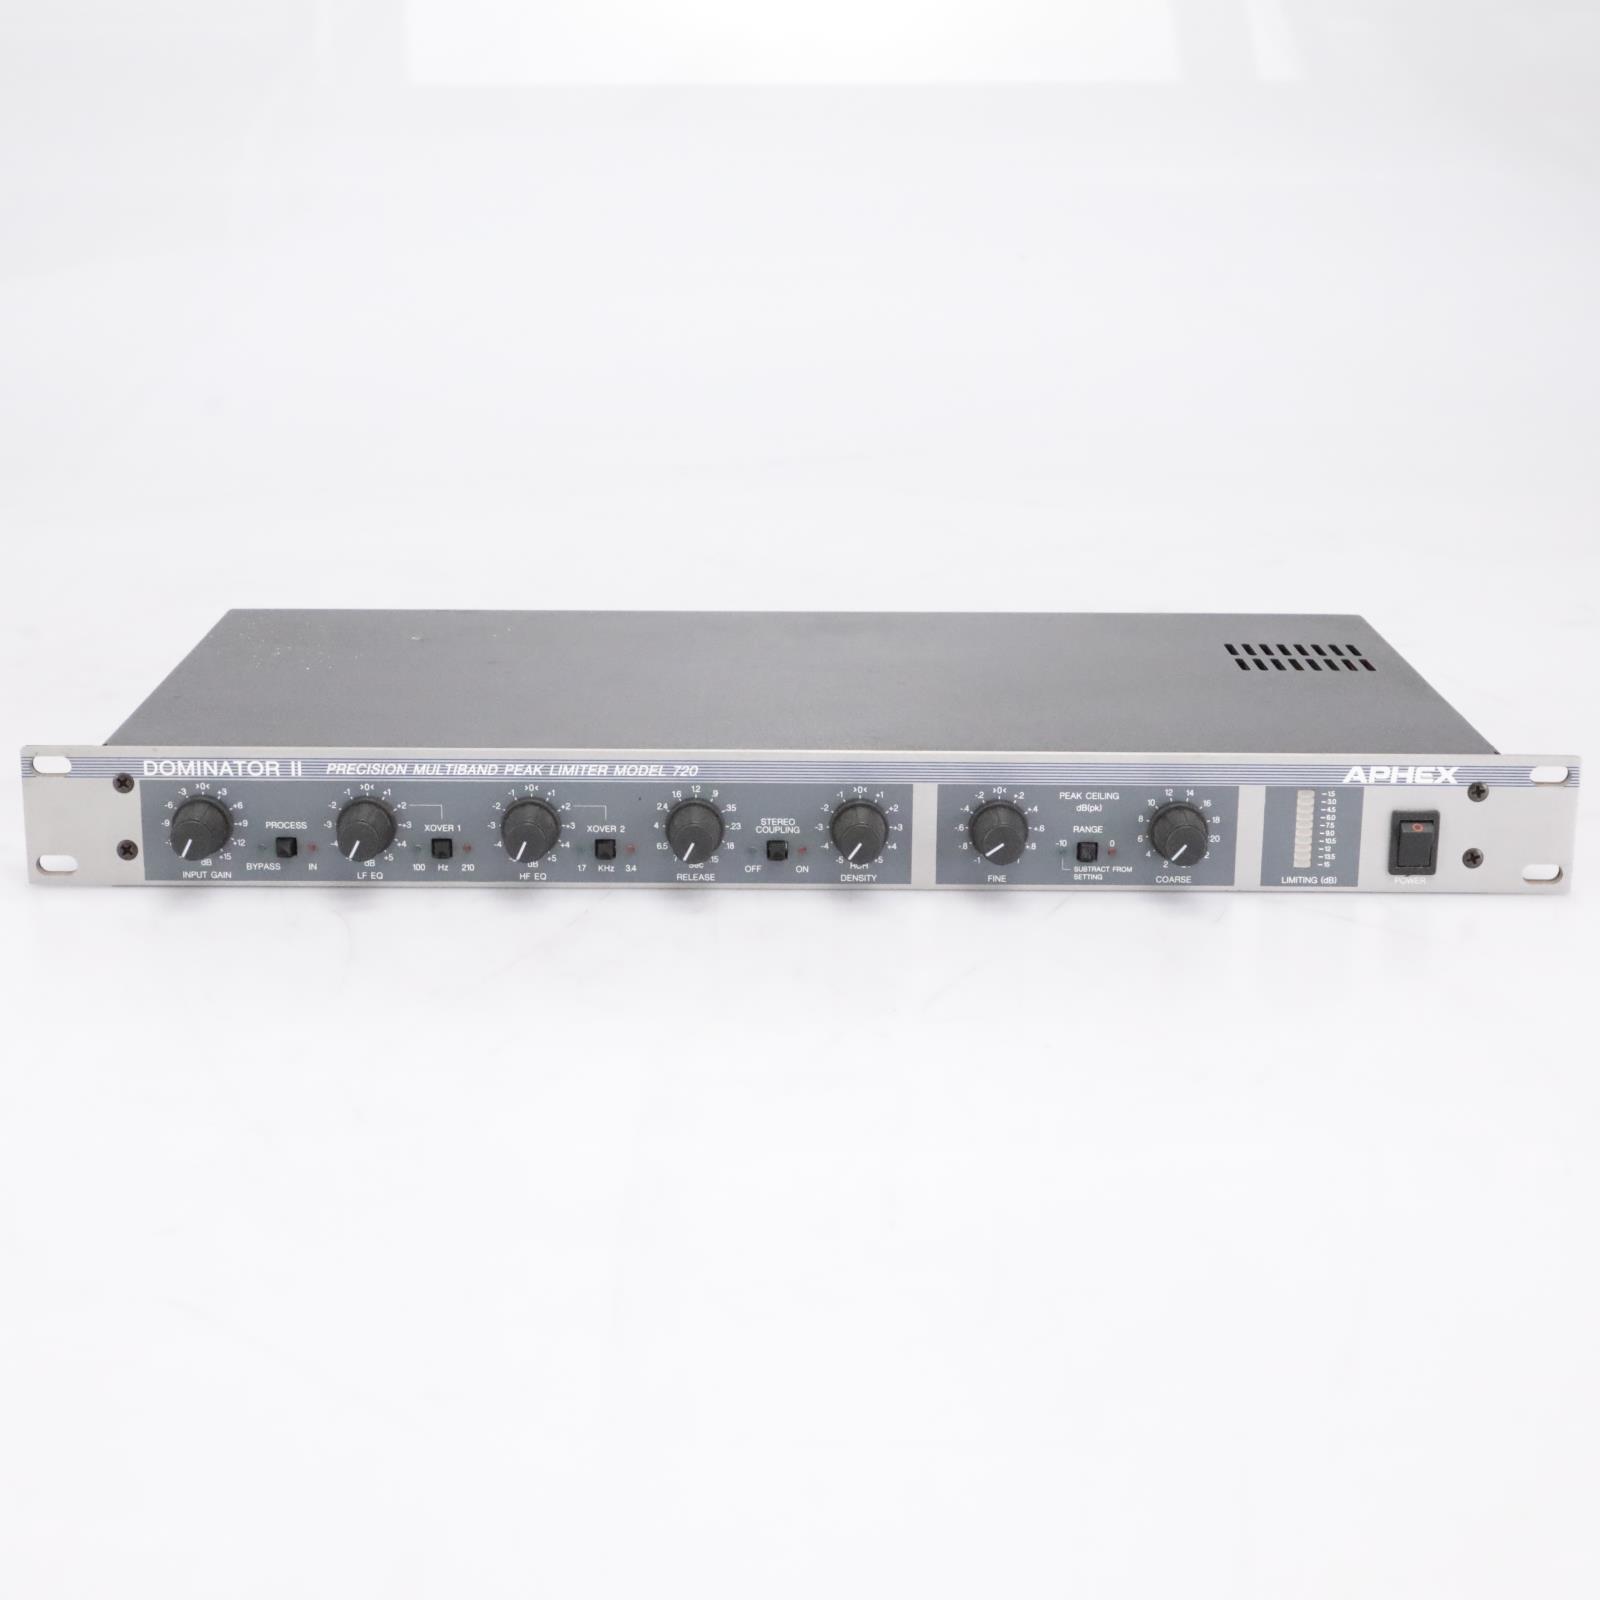 Aphex 720 Dominator II Stereo Precision Multi-Band Peak Limiter #42293